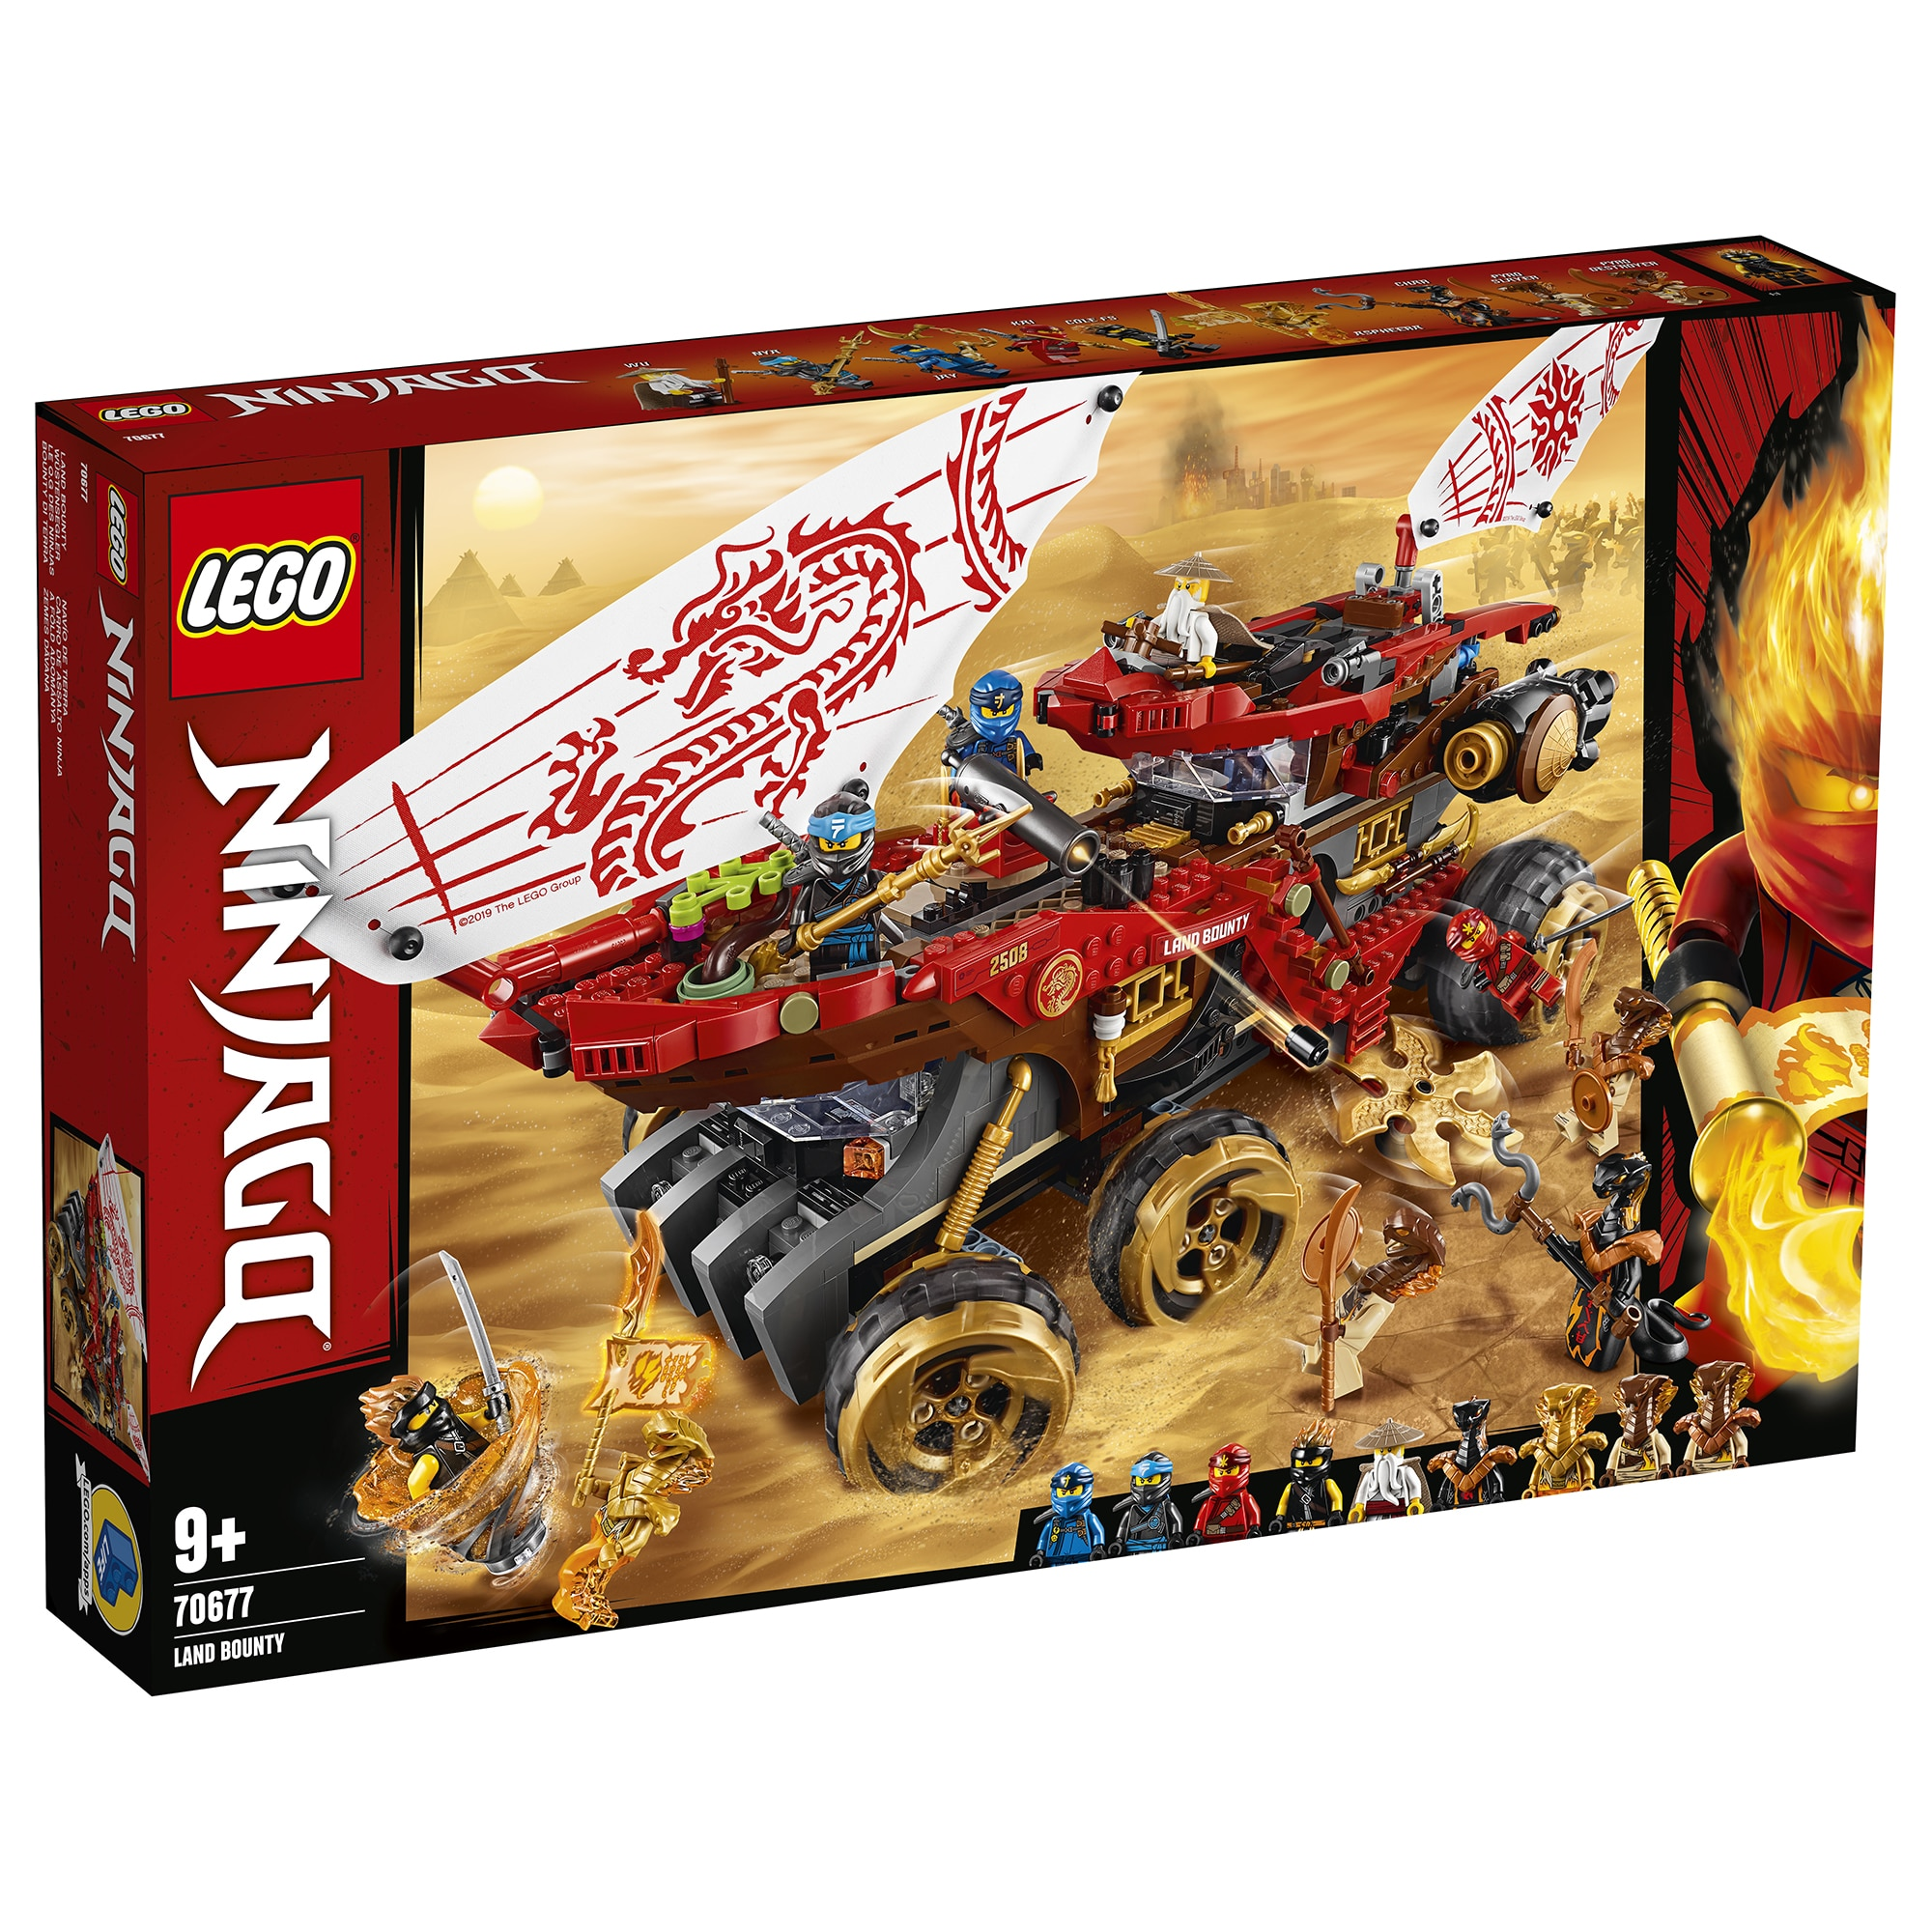 Fotografie LEGO NINJAGO - Bounty de teren 70677